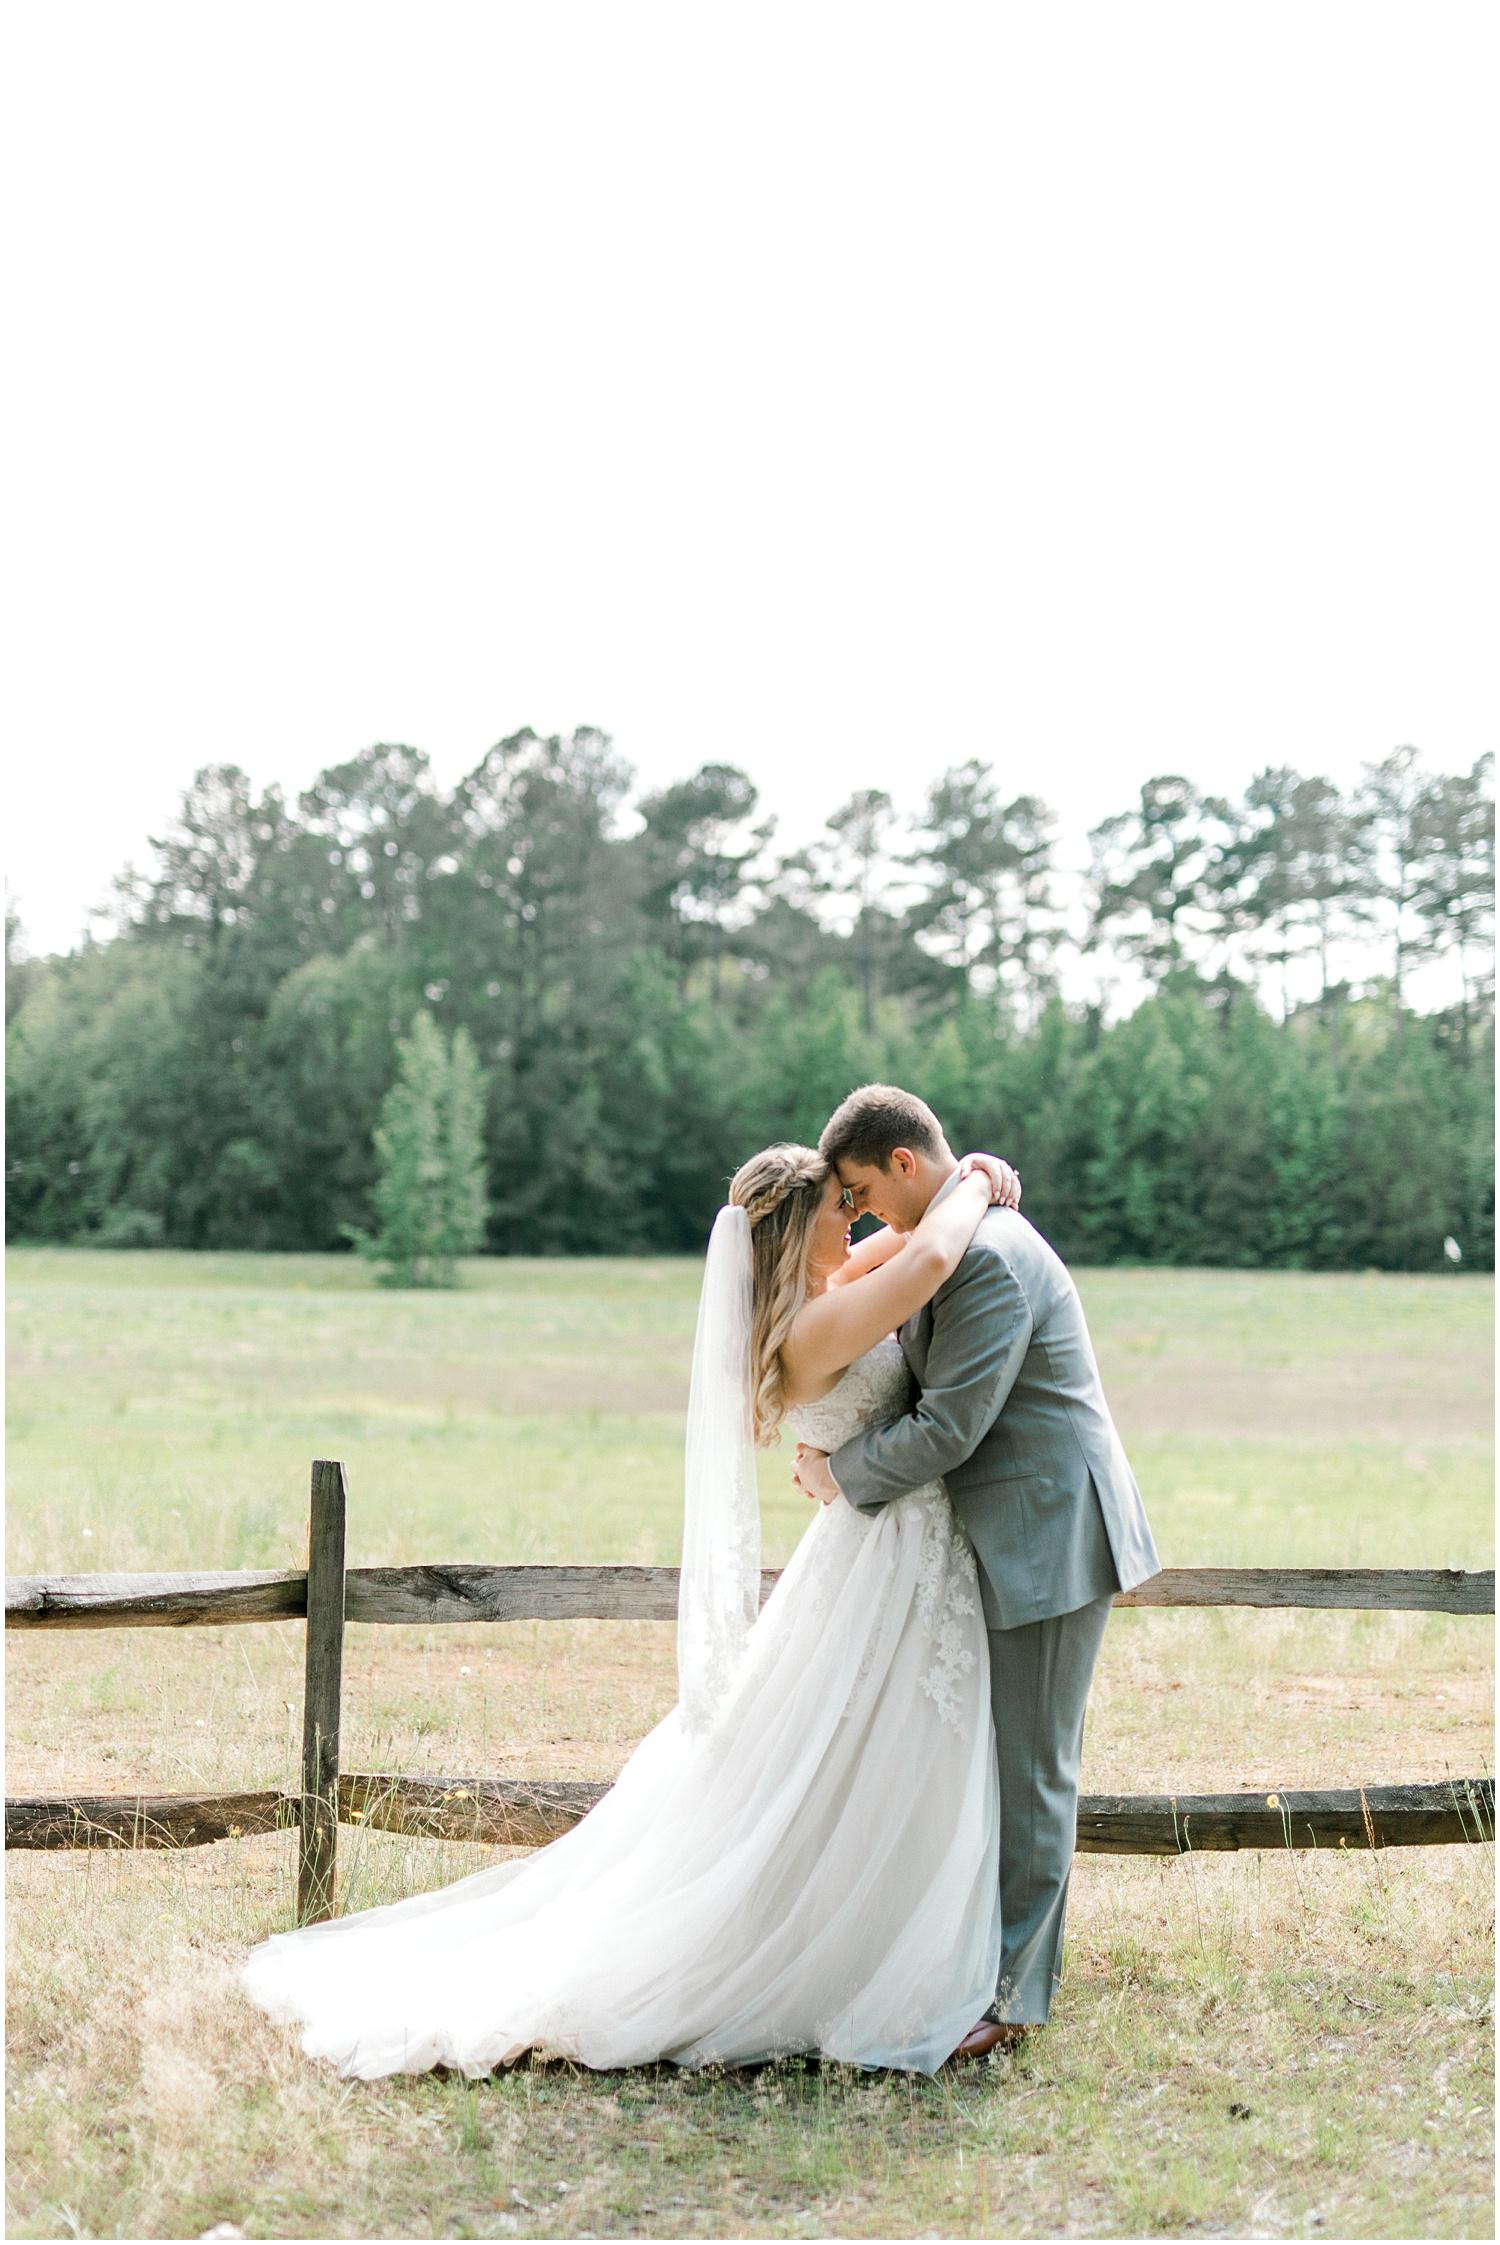 Favorites-2019-05-18-Sarah-and-Ryan-Wedding-0979-58_stomped.jpg